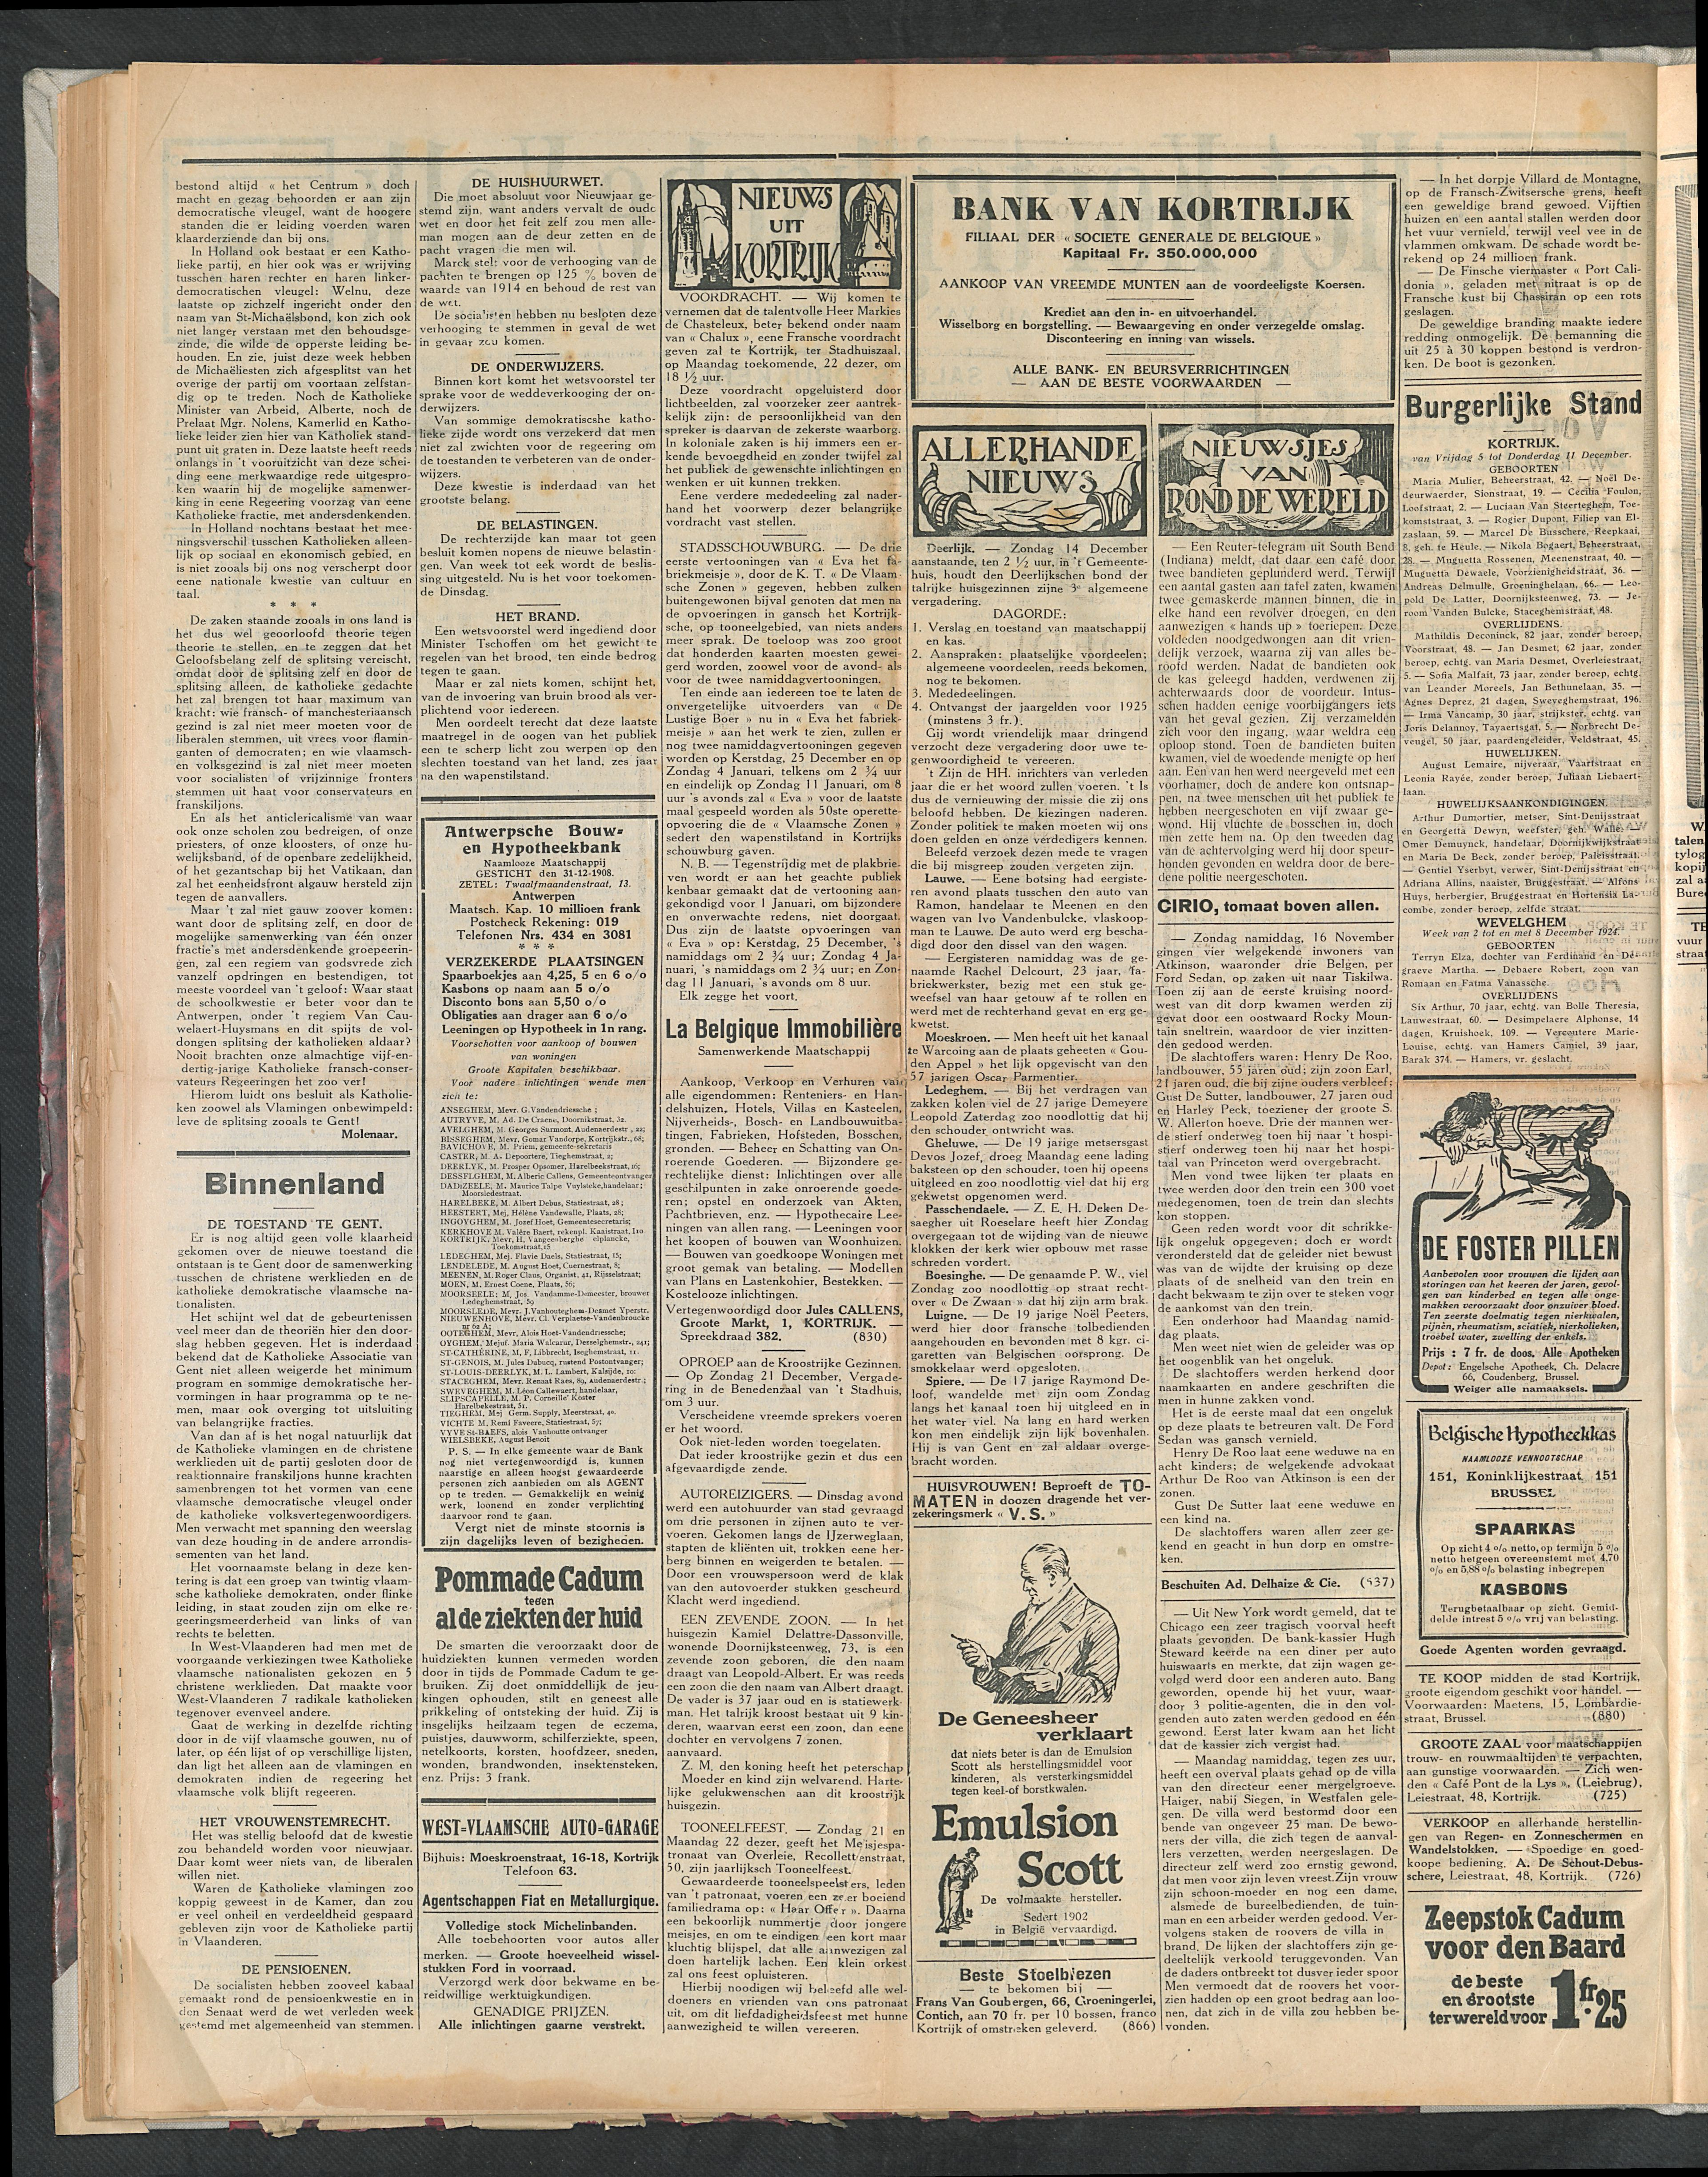 Het Kortrijksche Volk 1924-12-14 p2